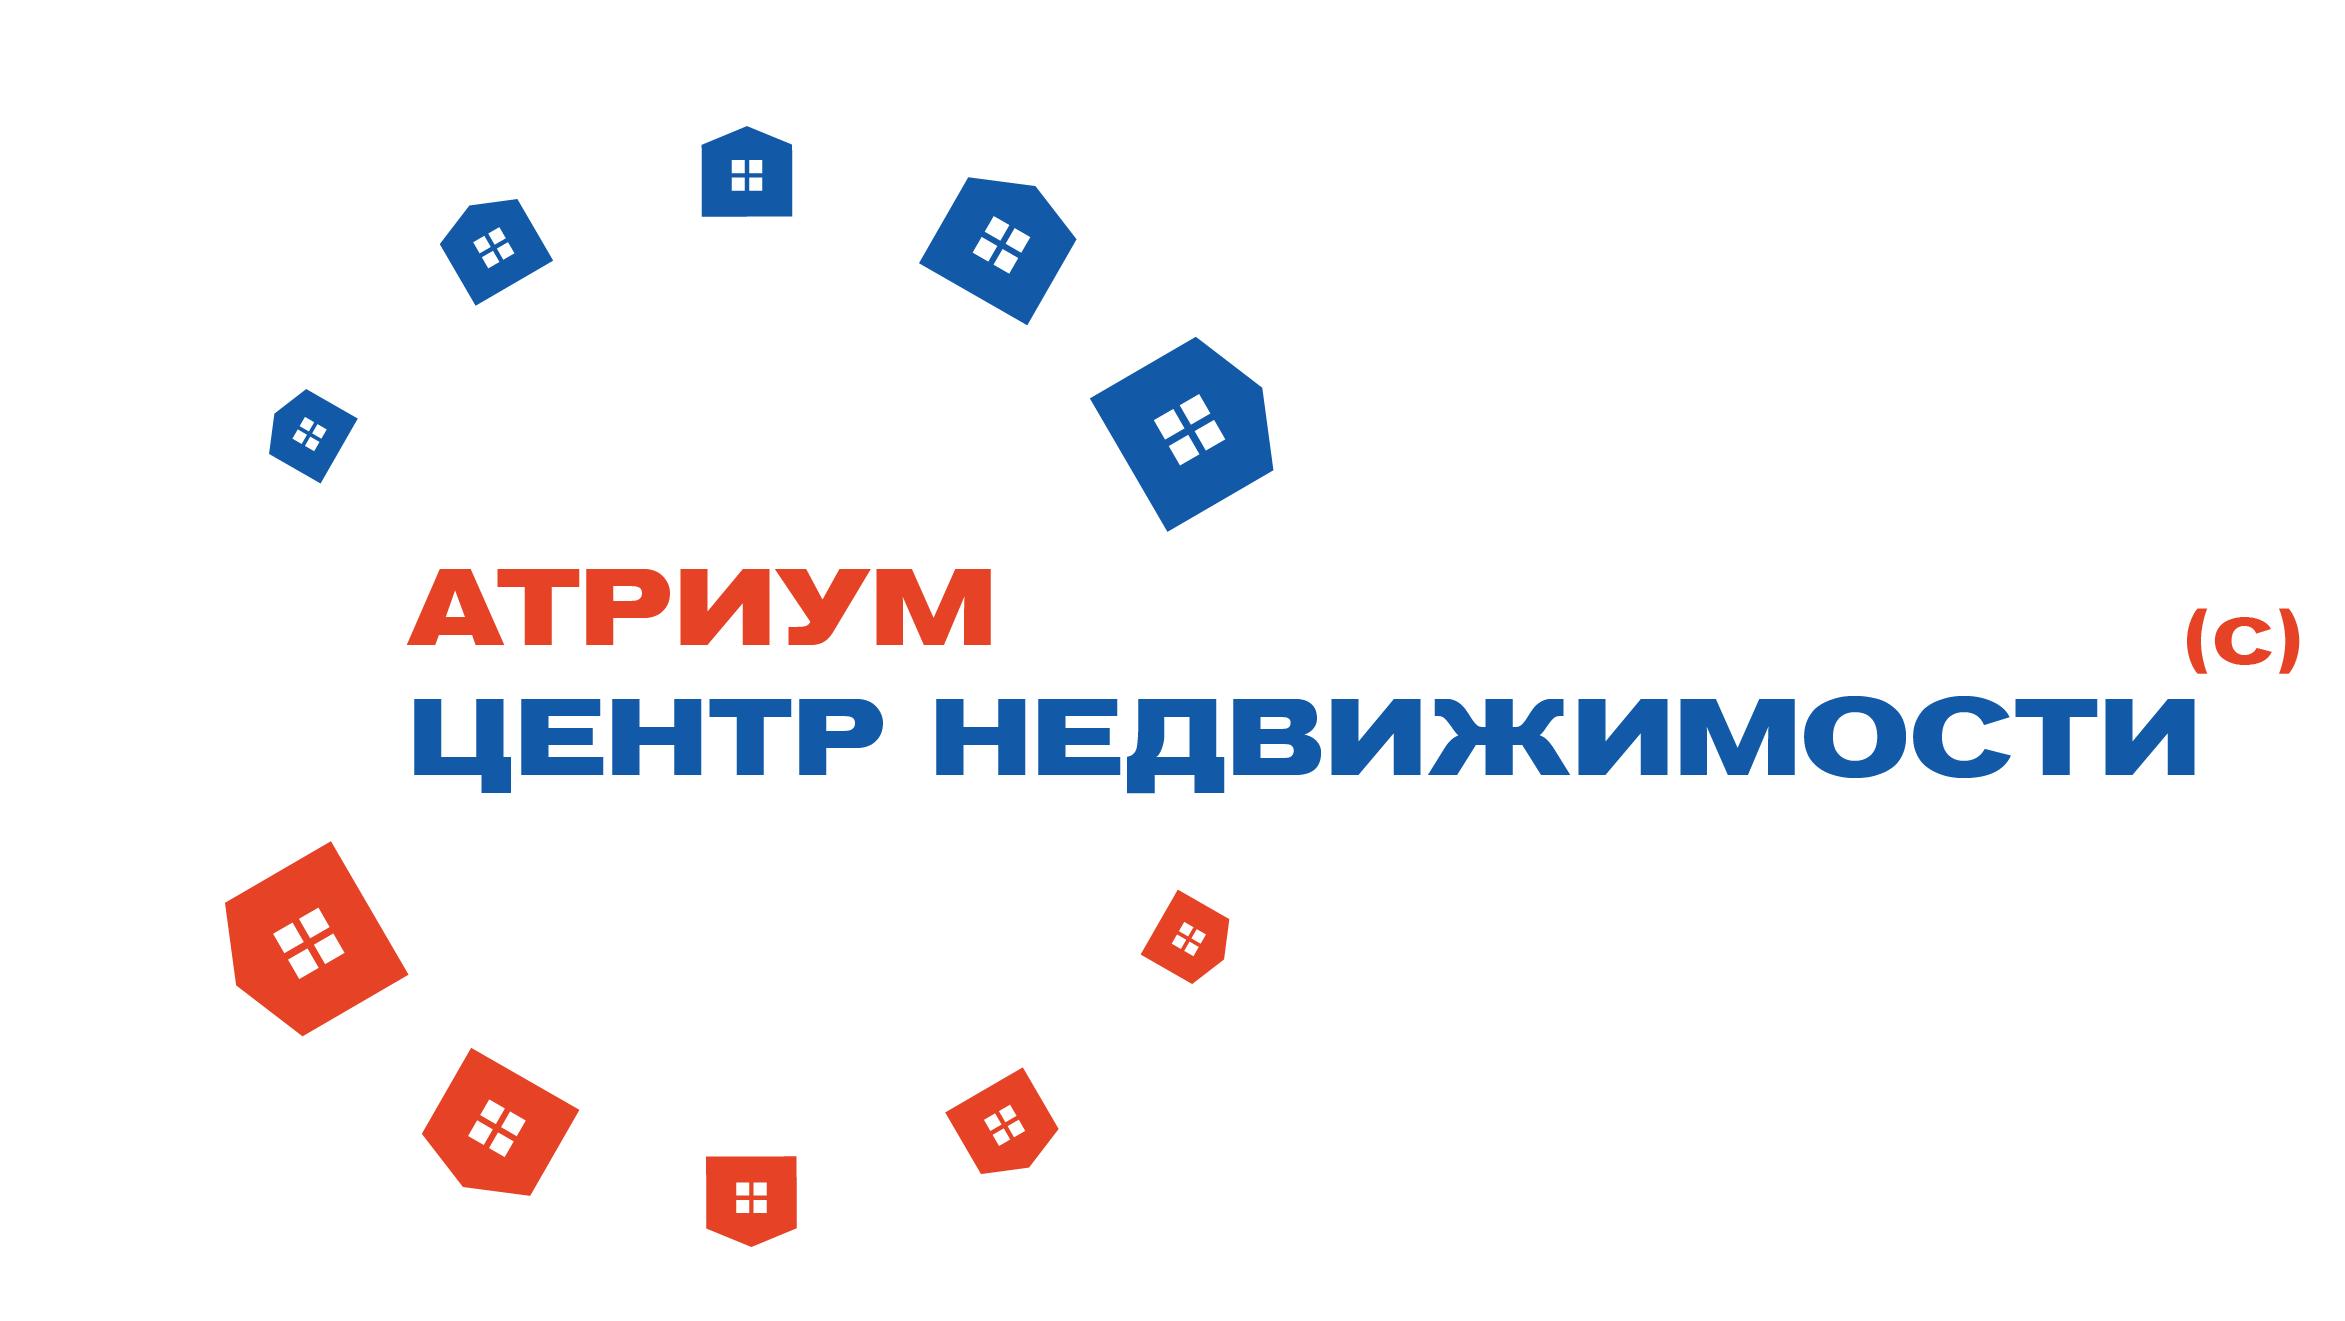 Редизайн / модернизация логотипа Центра недвижимости фото f_9285bc0702ab0743.png